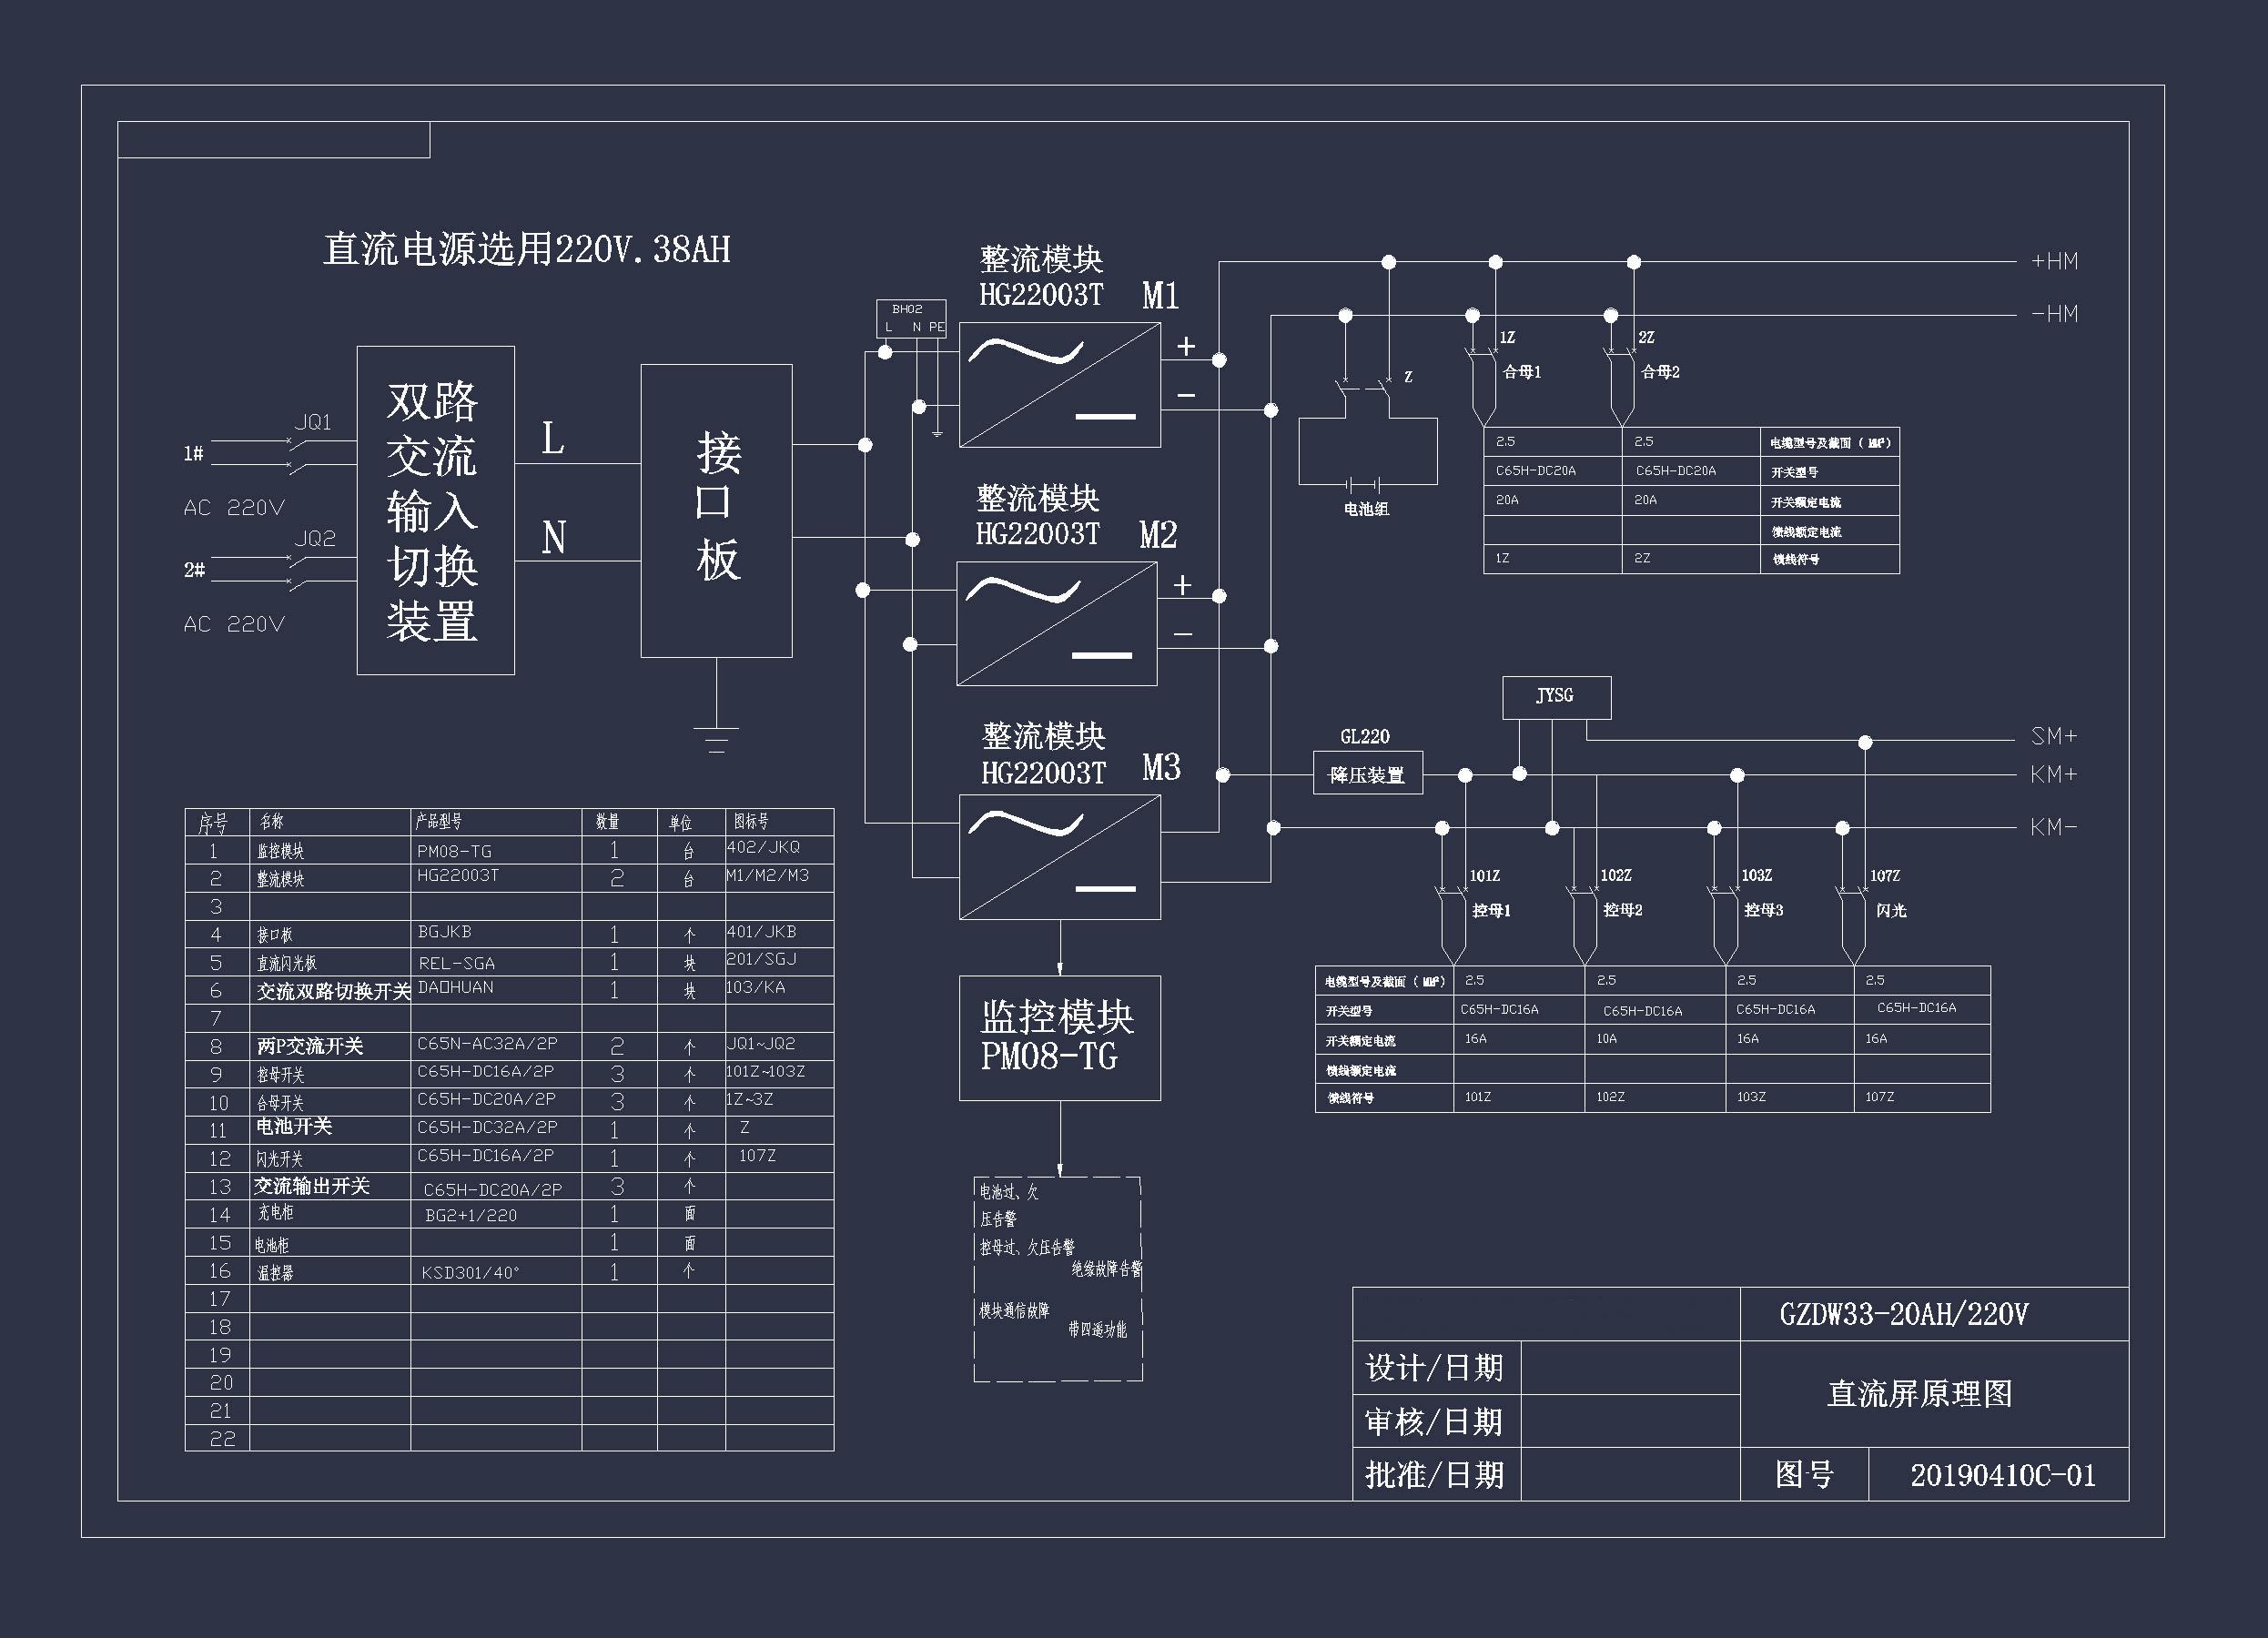 20AH壁挂直流电源图纸